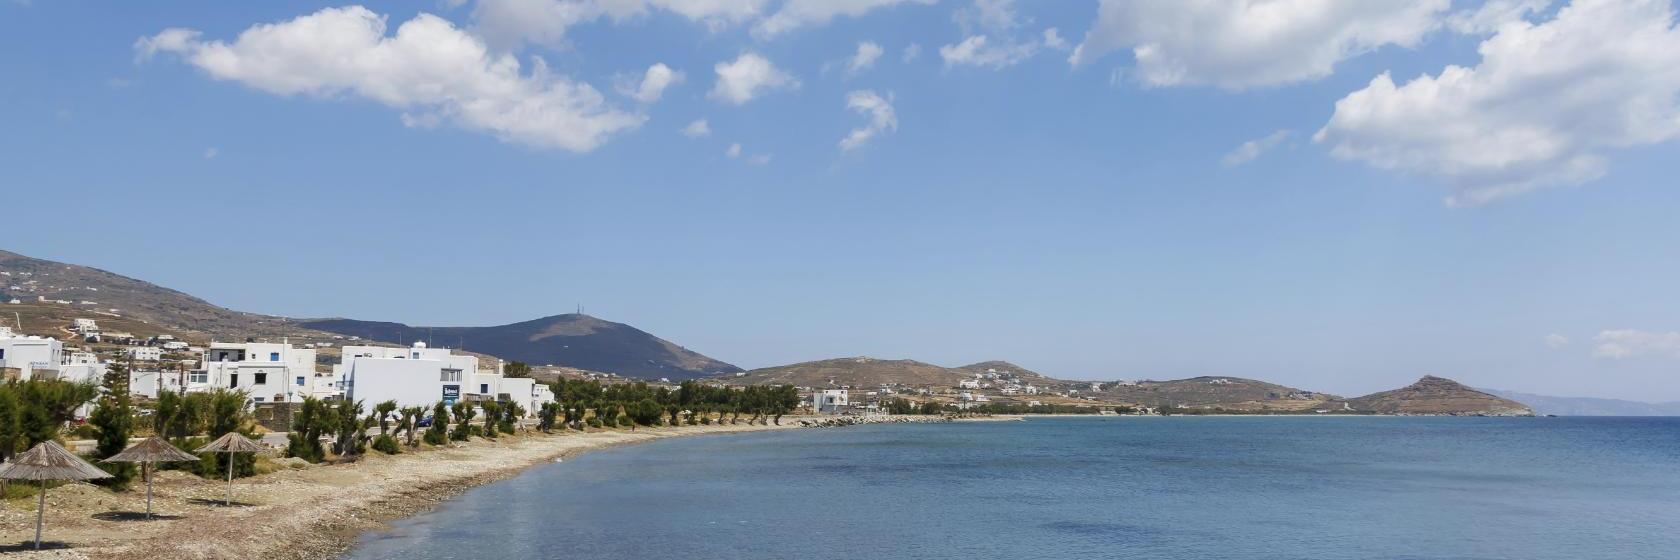 Tinos Agios Sostis Beach